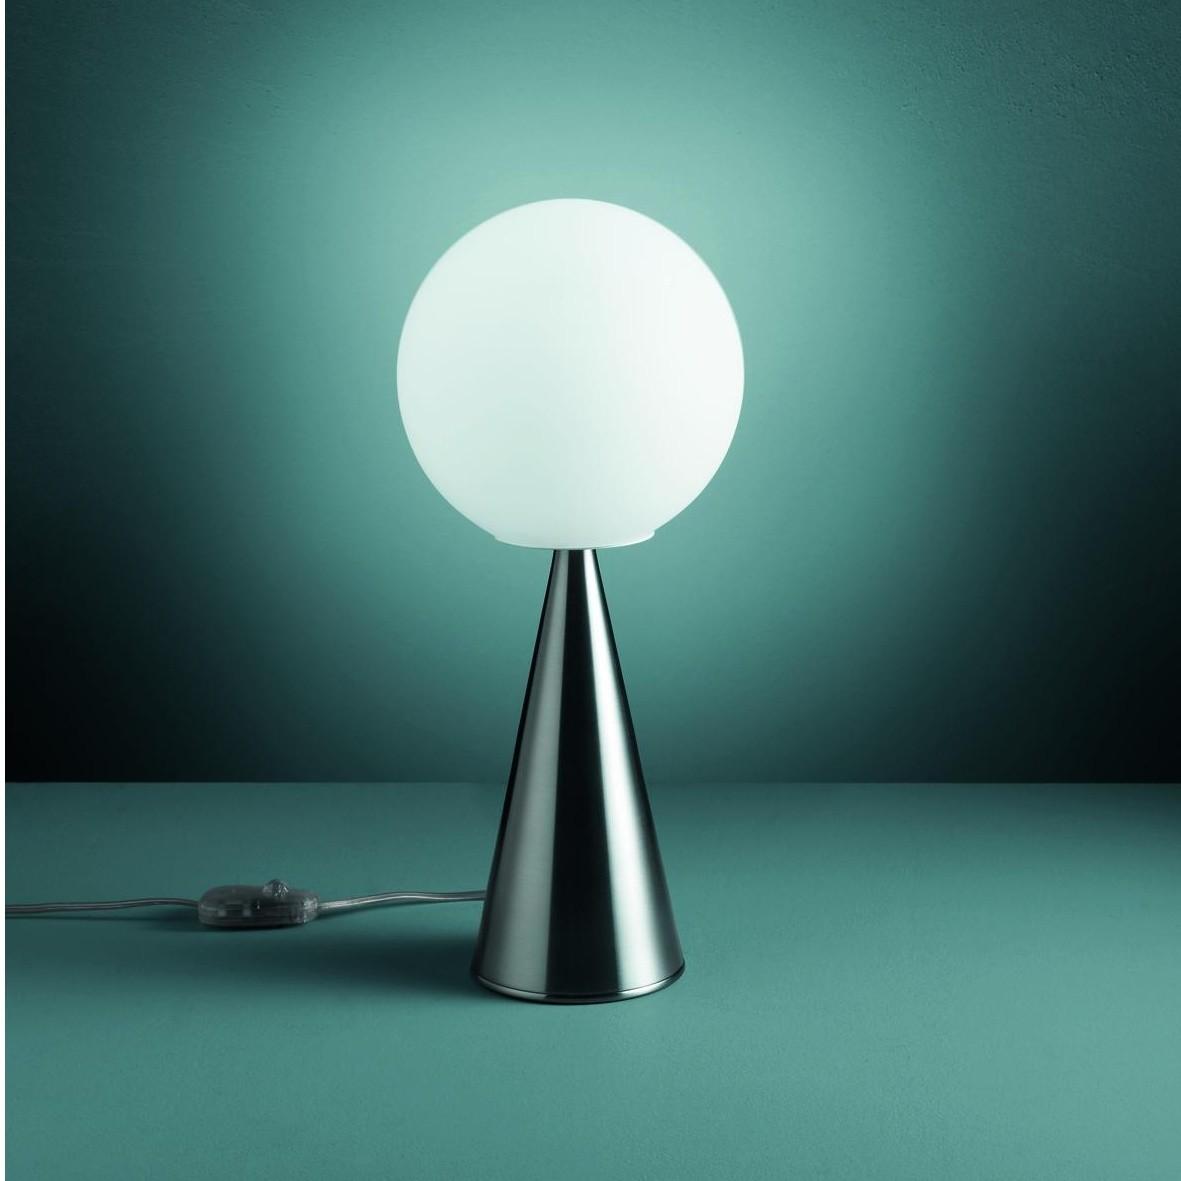 bilia lampe de table fontana arte. Black Bedroom Furniture Sets. Home Design Ideas